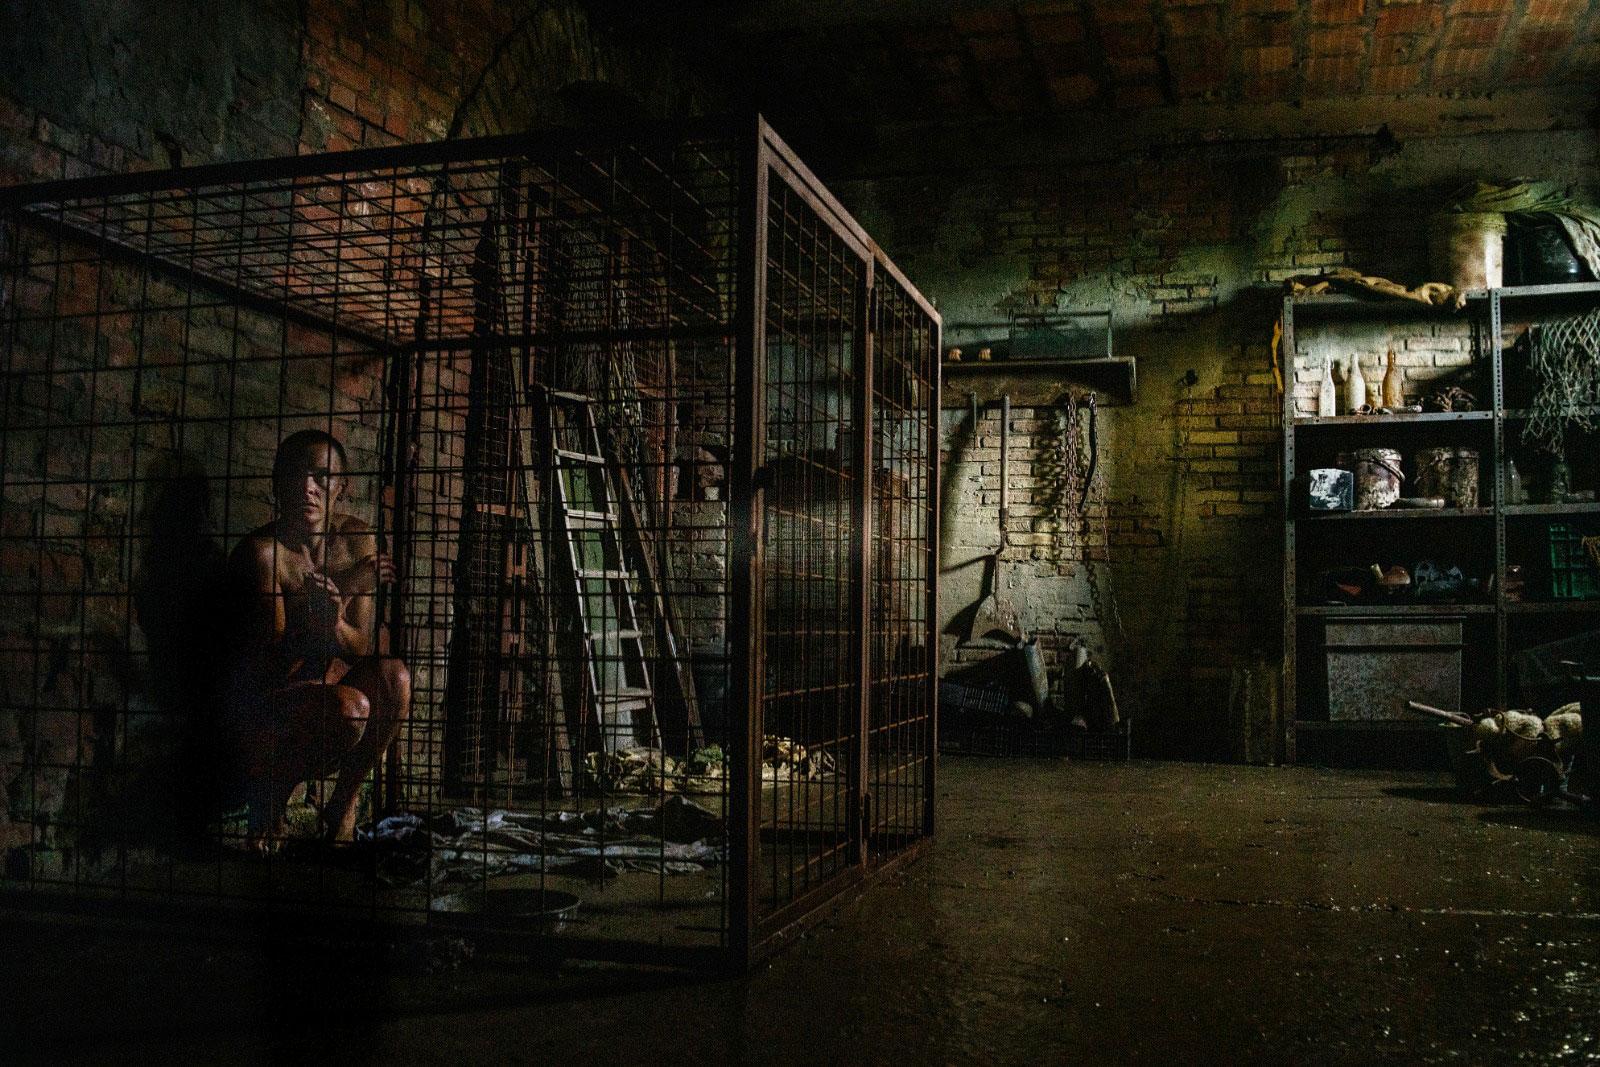 Le scenografie di Daniele Frabetti